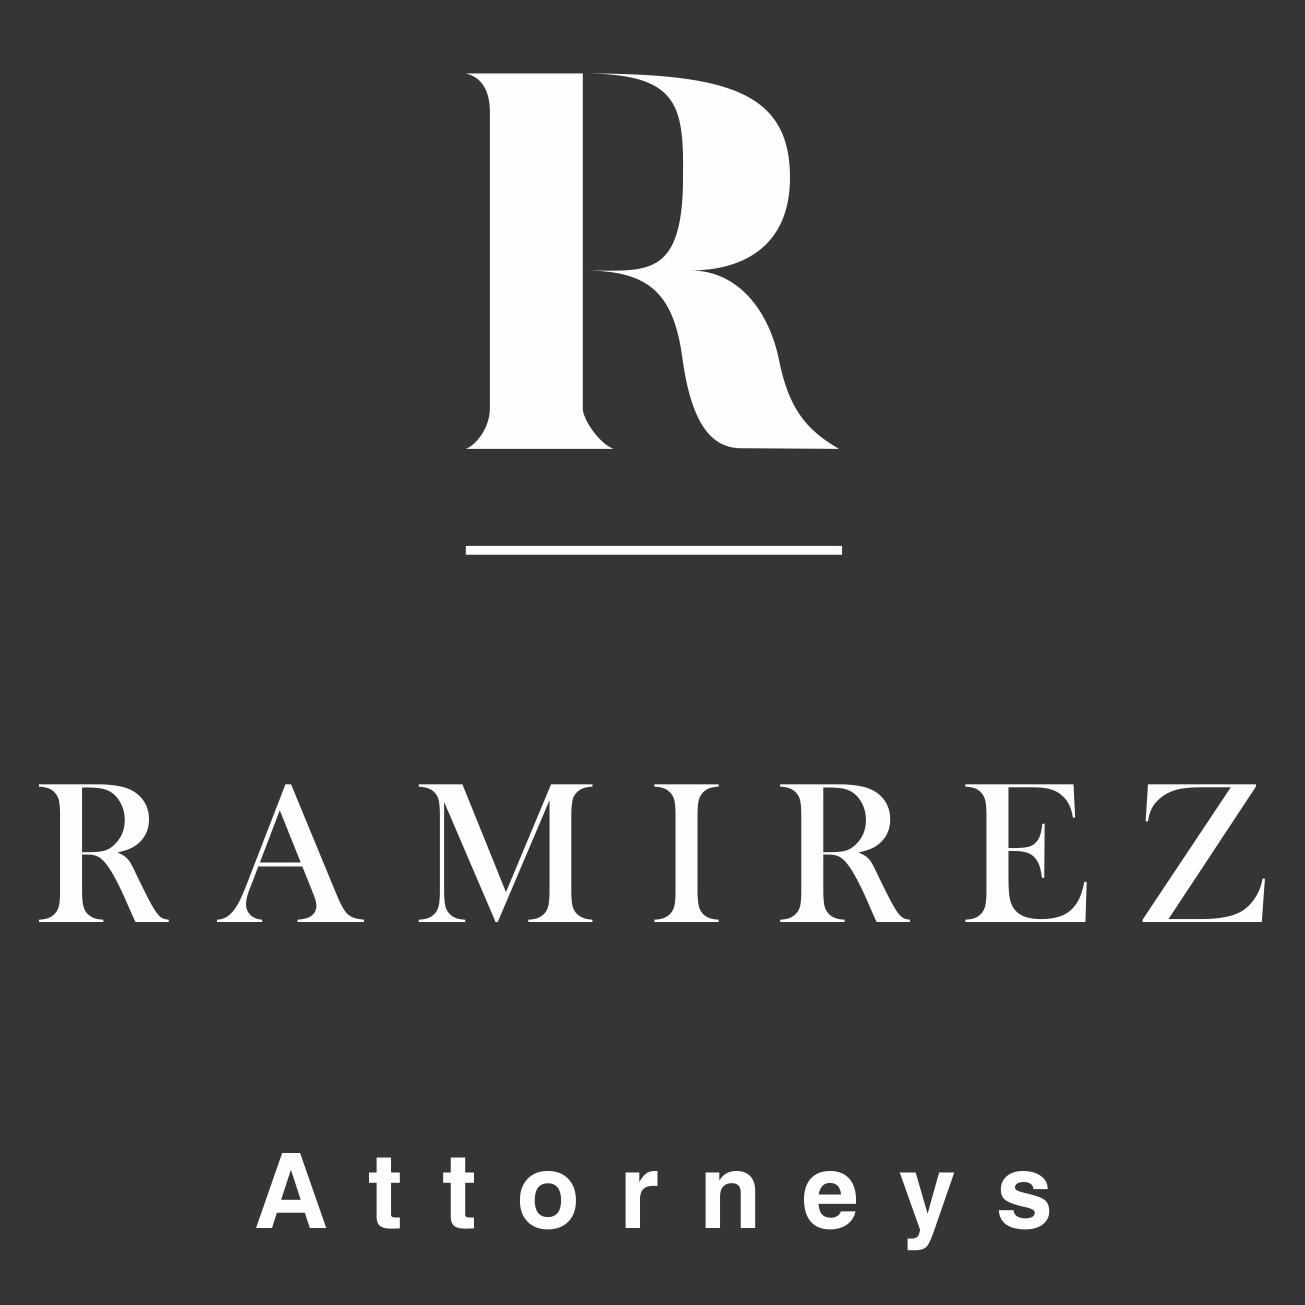 Ramirez Attorneys